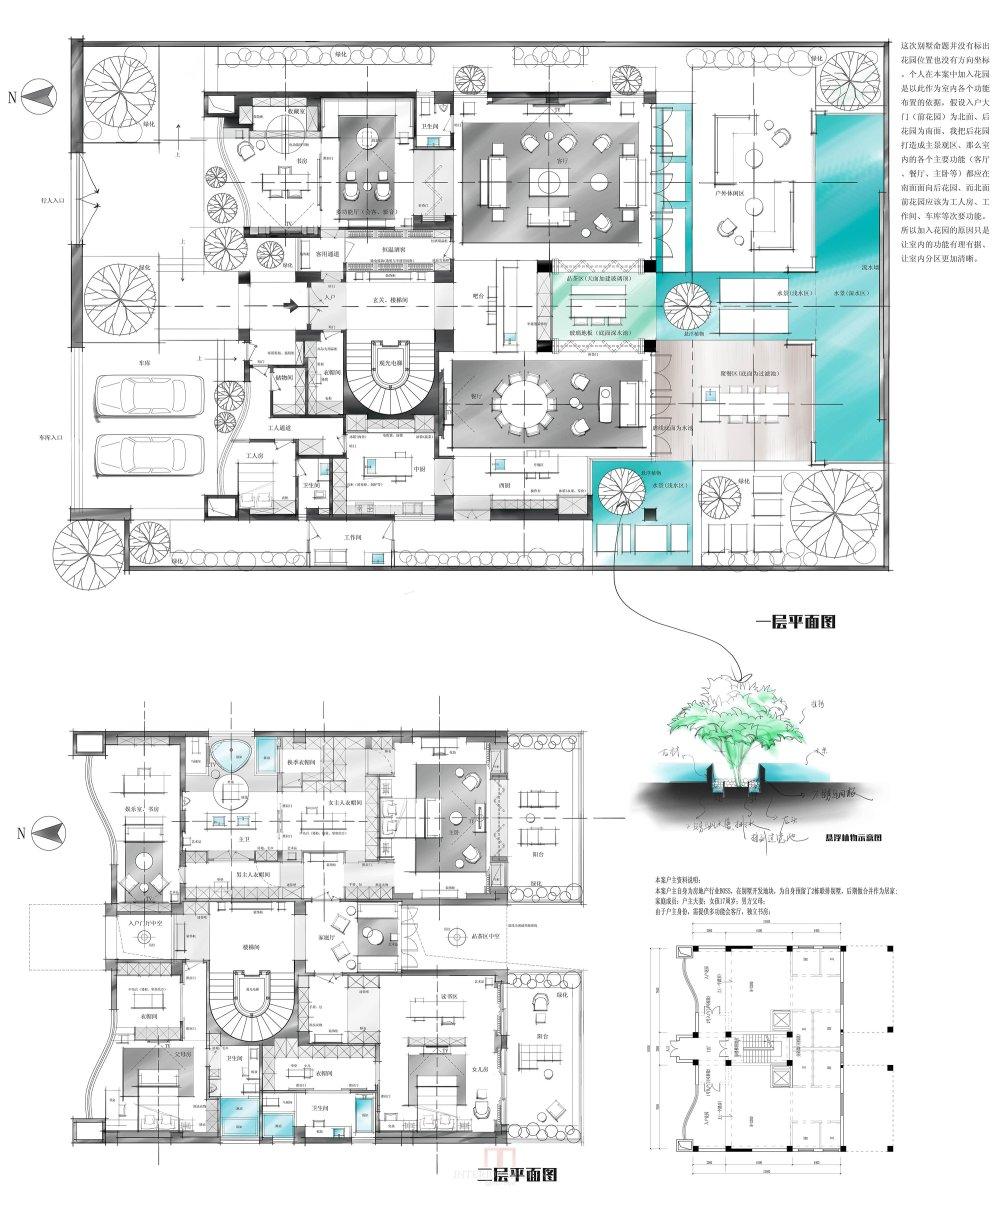 【第17期-住宅平面优化】一个跃层豪宅14个方案 投票奖励DB_04a.jpg